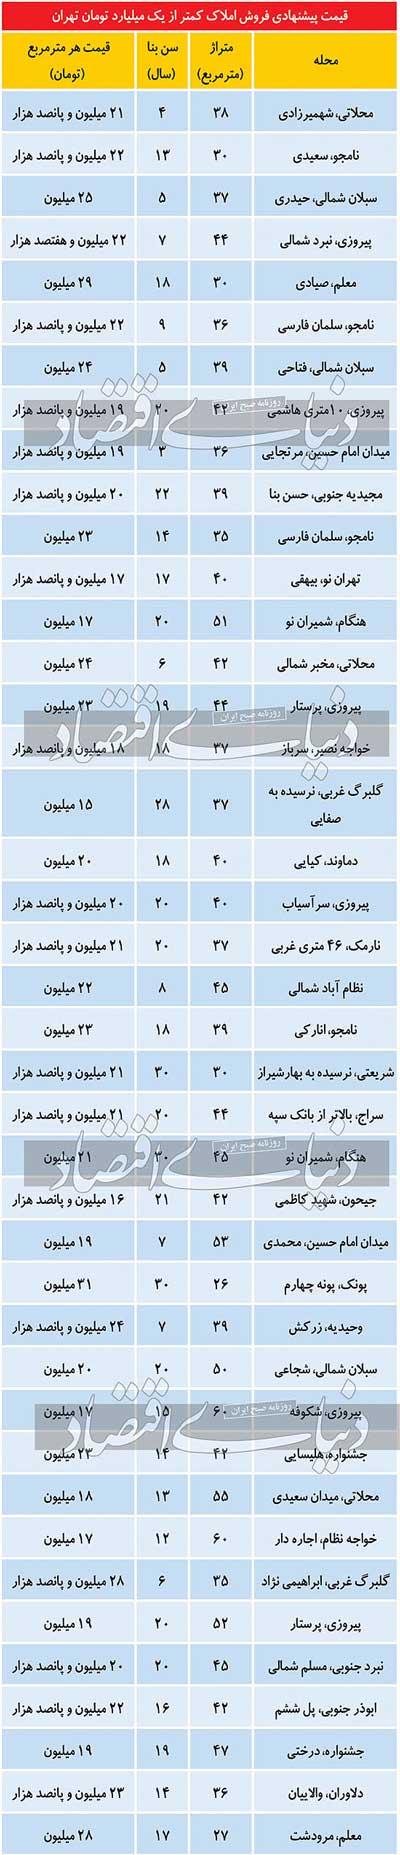 فهرست املاک کمتر از یک میلیارد تومان در تهران